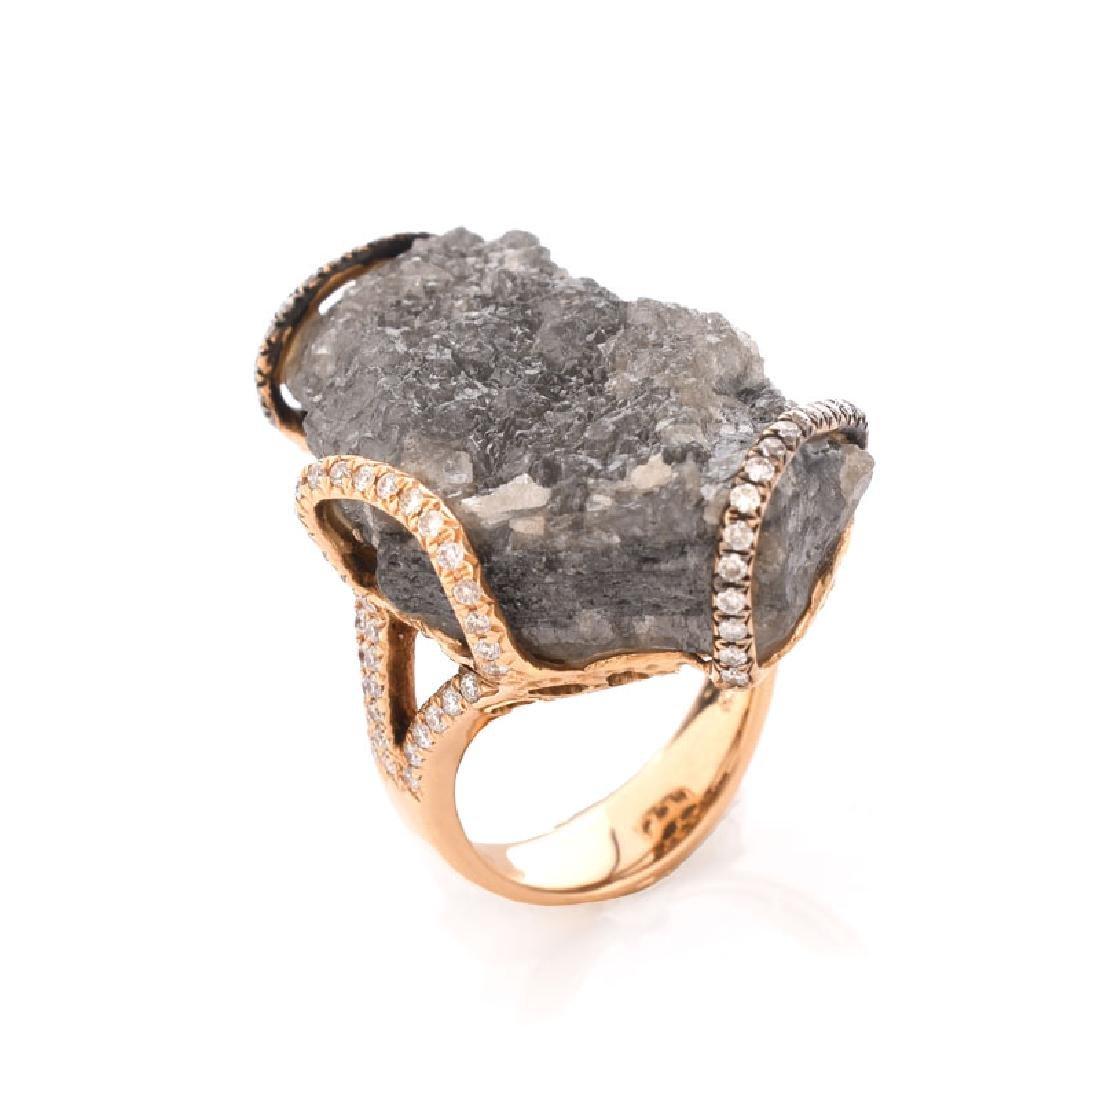 52.69 Carat Rough Diamond, .76 Carat Round Brilliant